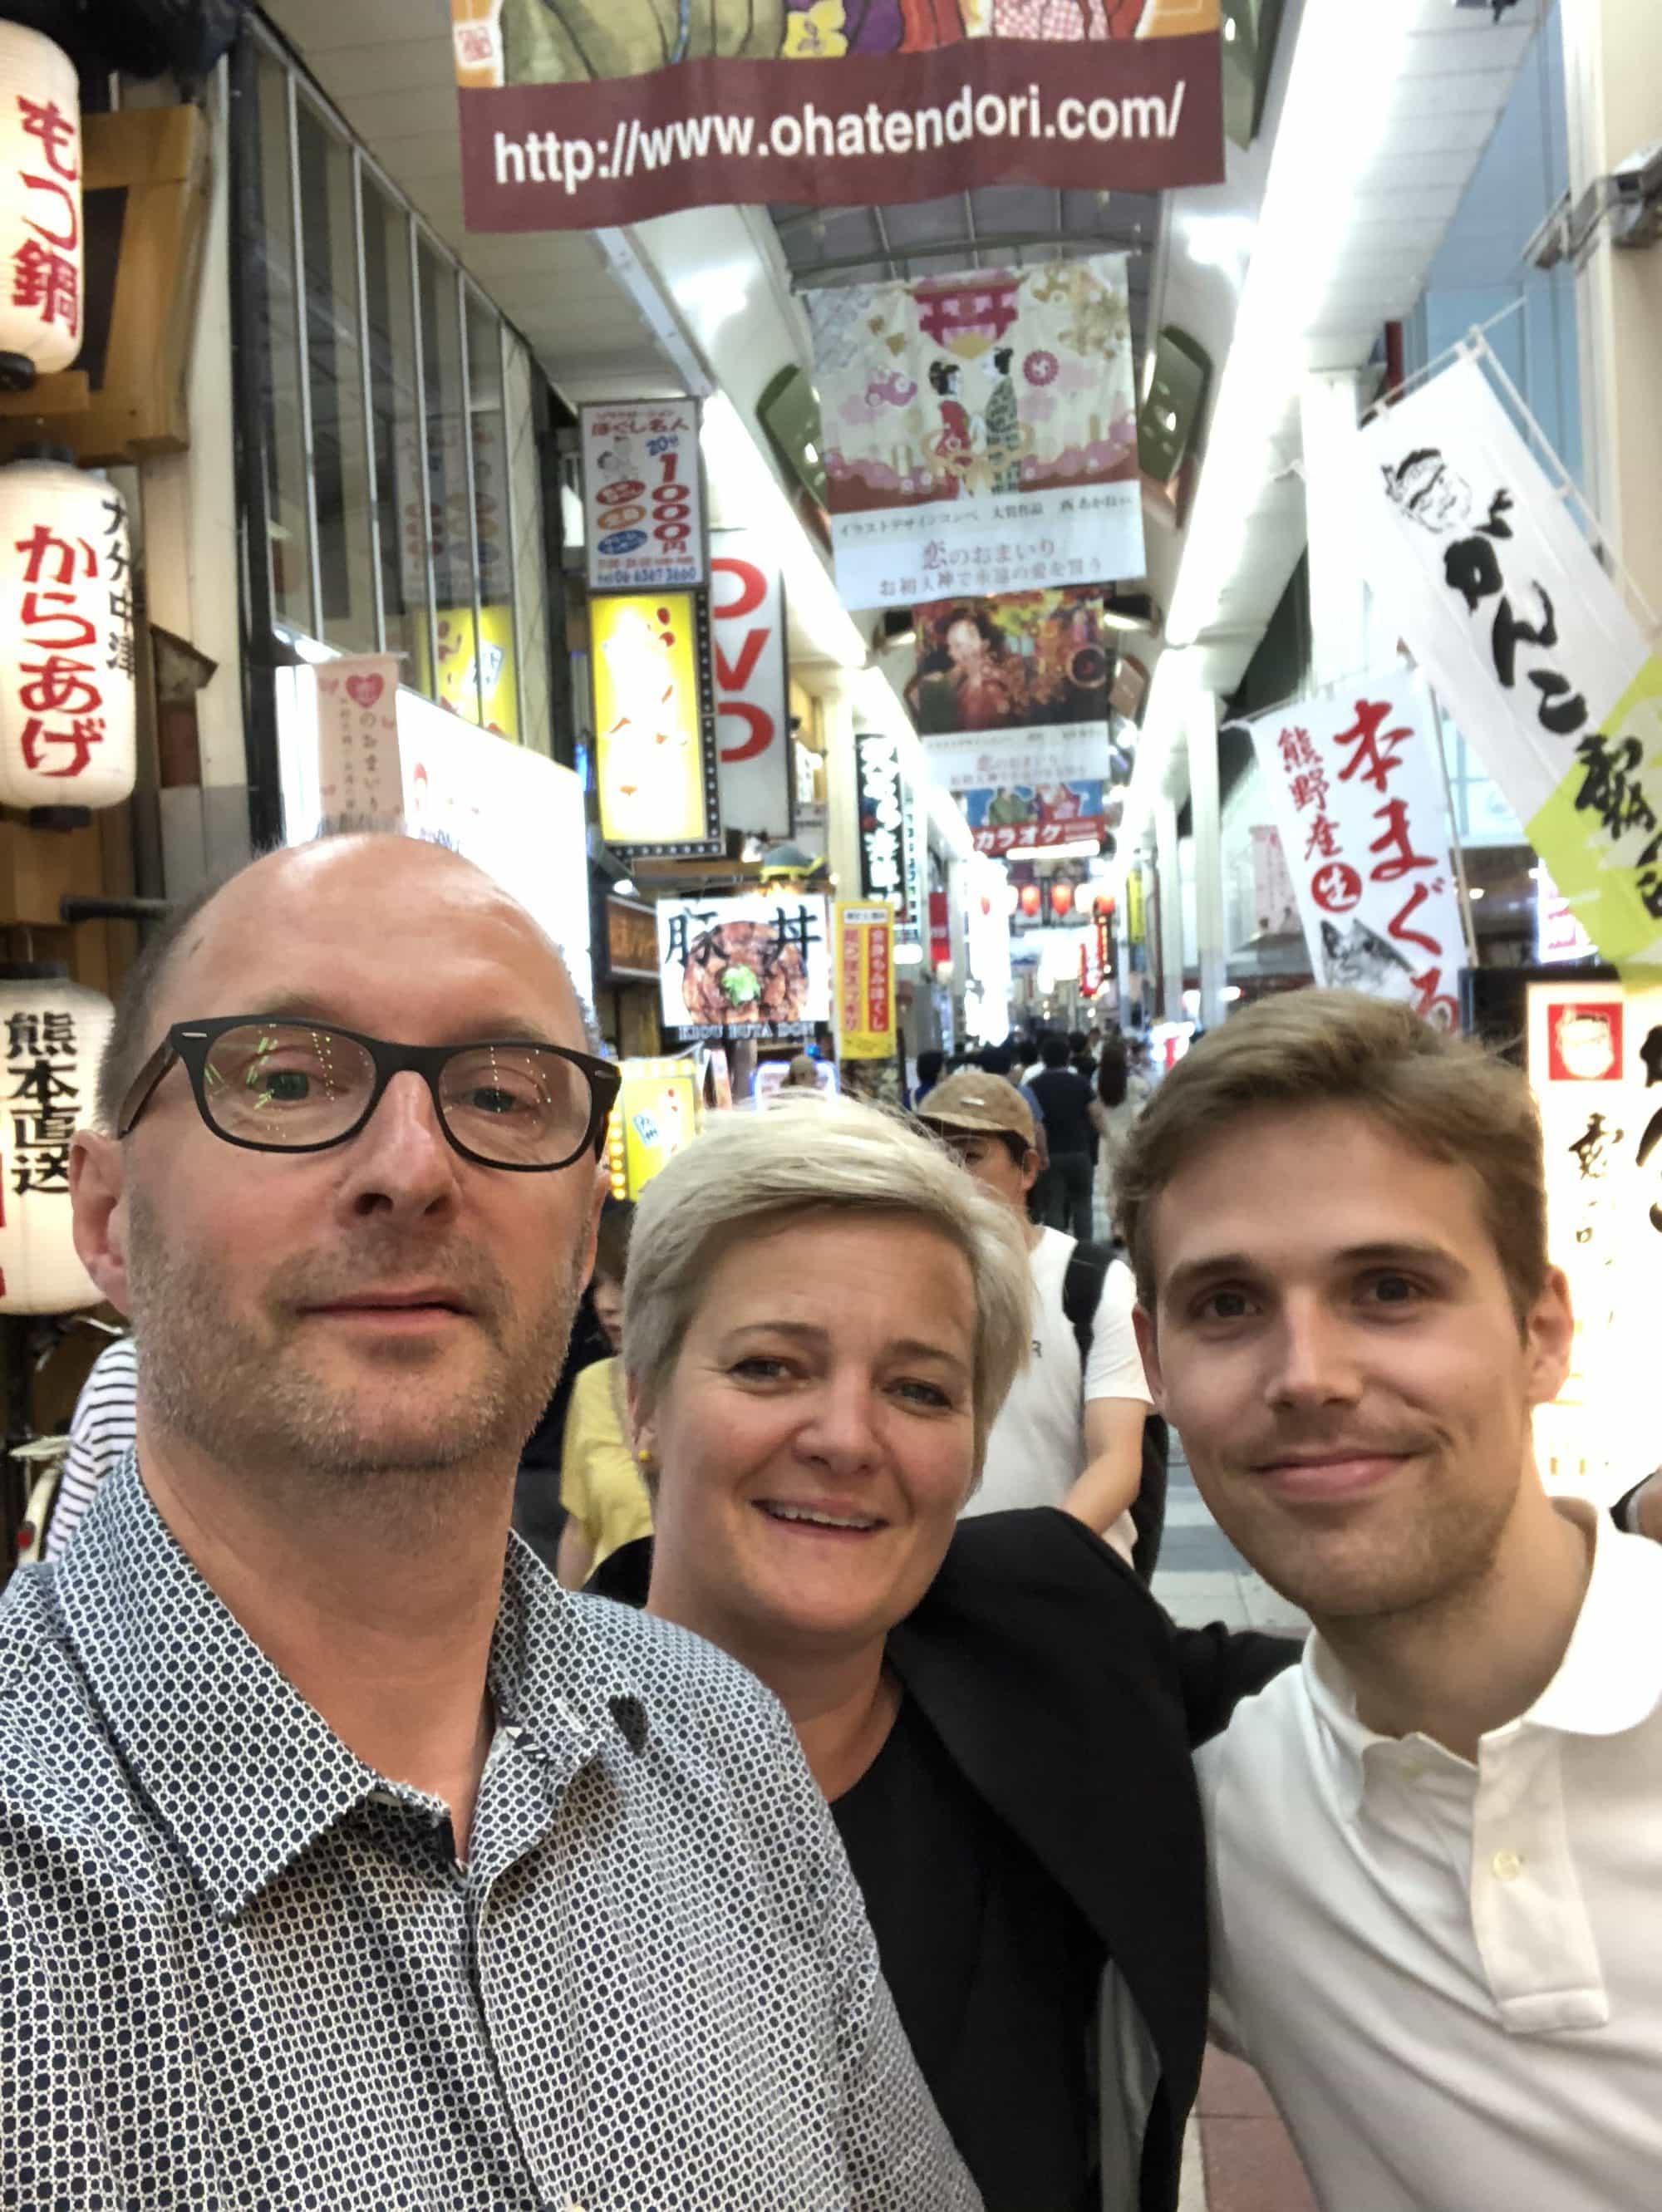 Vi åbner datterselskab i Kobe, Japan.